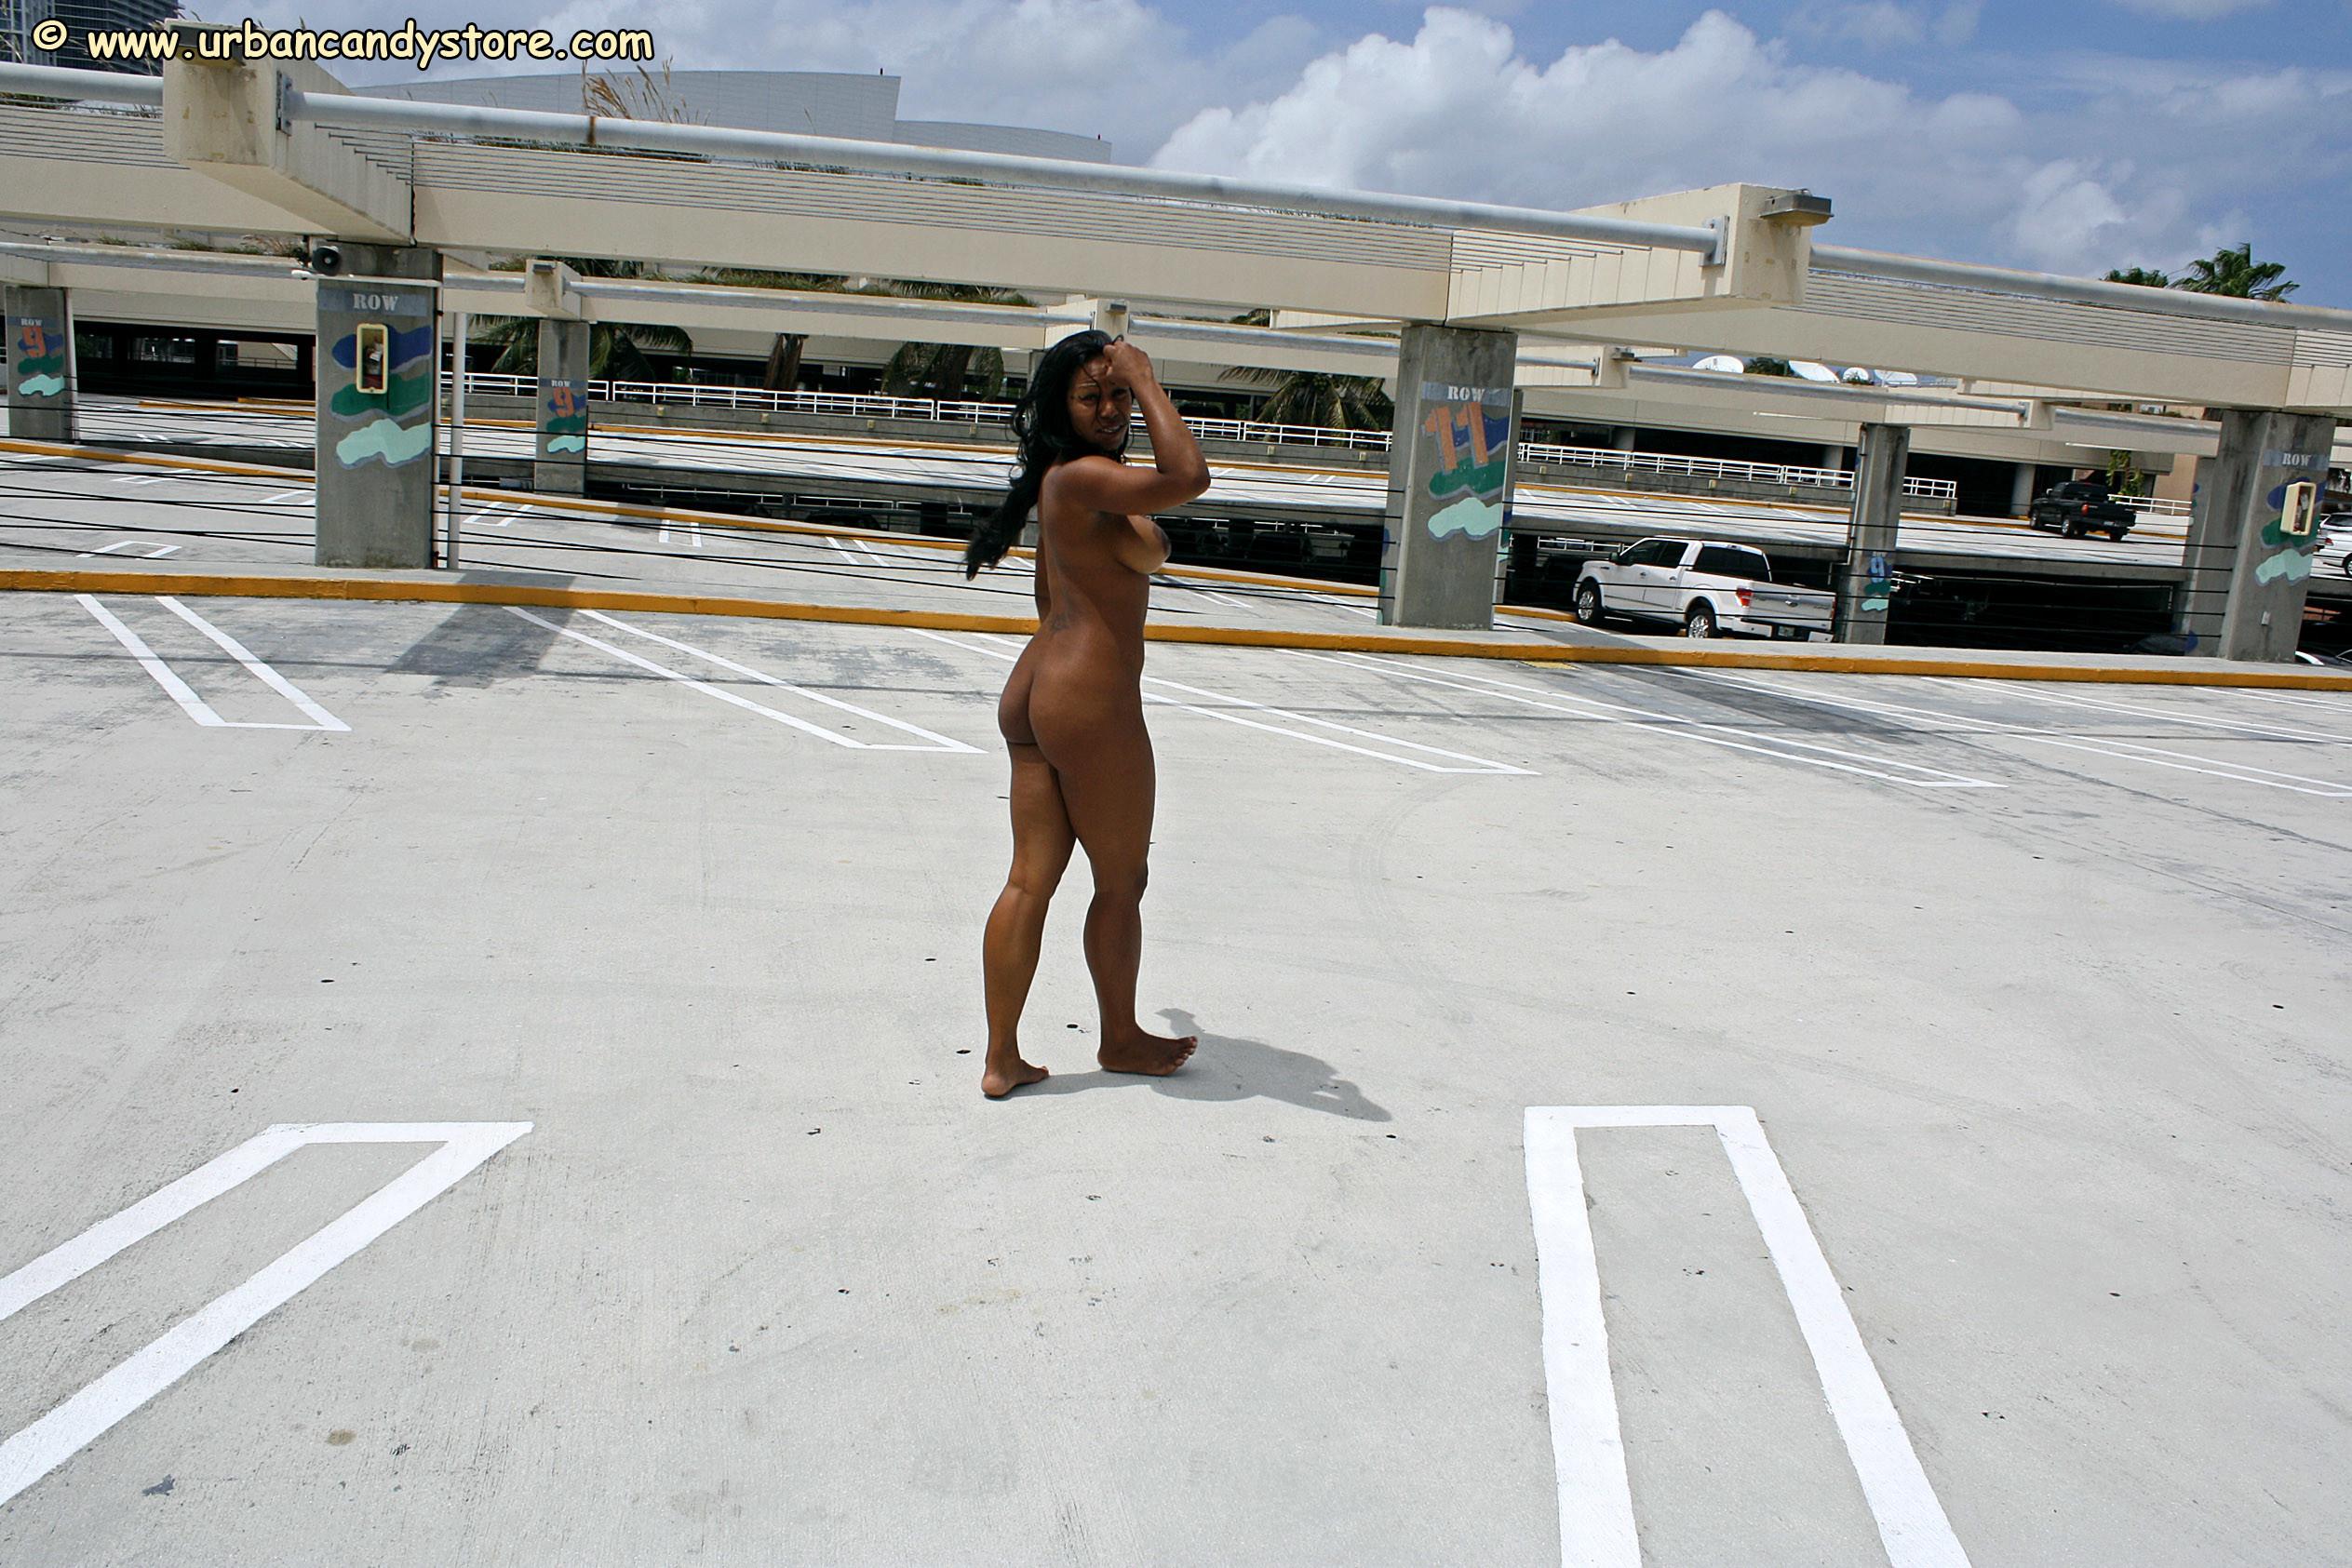 Негритянка с хорошим телом гуляет голая на автостоянке